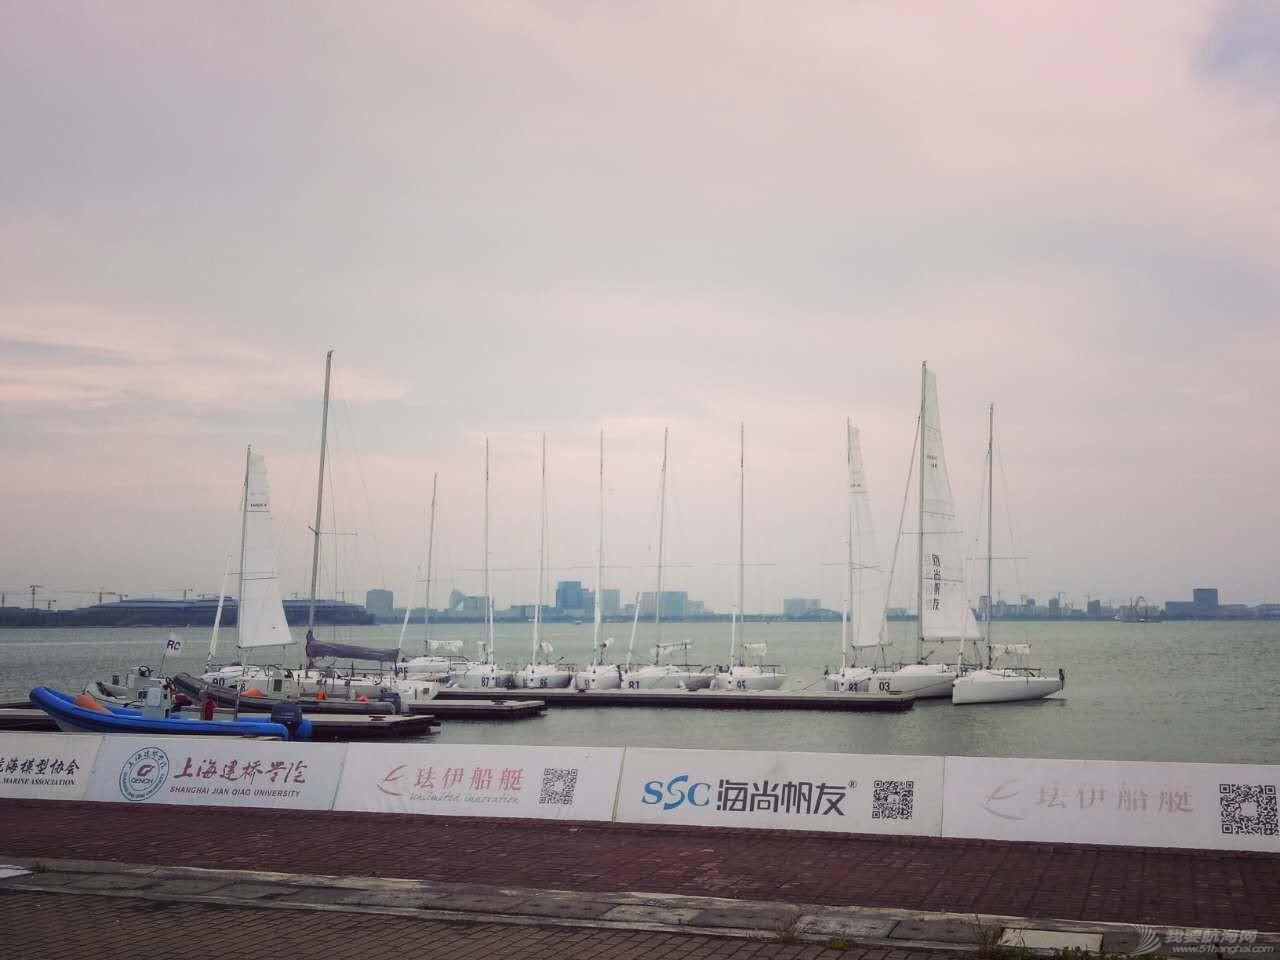 会员,联赛,我们,可惜,岸边 上海海尚帆友俱乐部会员联赛 珐伊19R就位 103912gpw13w8ppeimrnvv